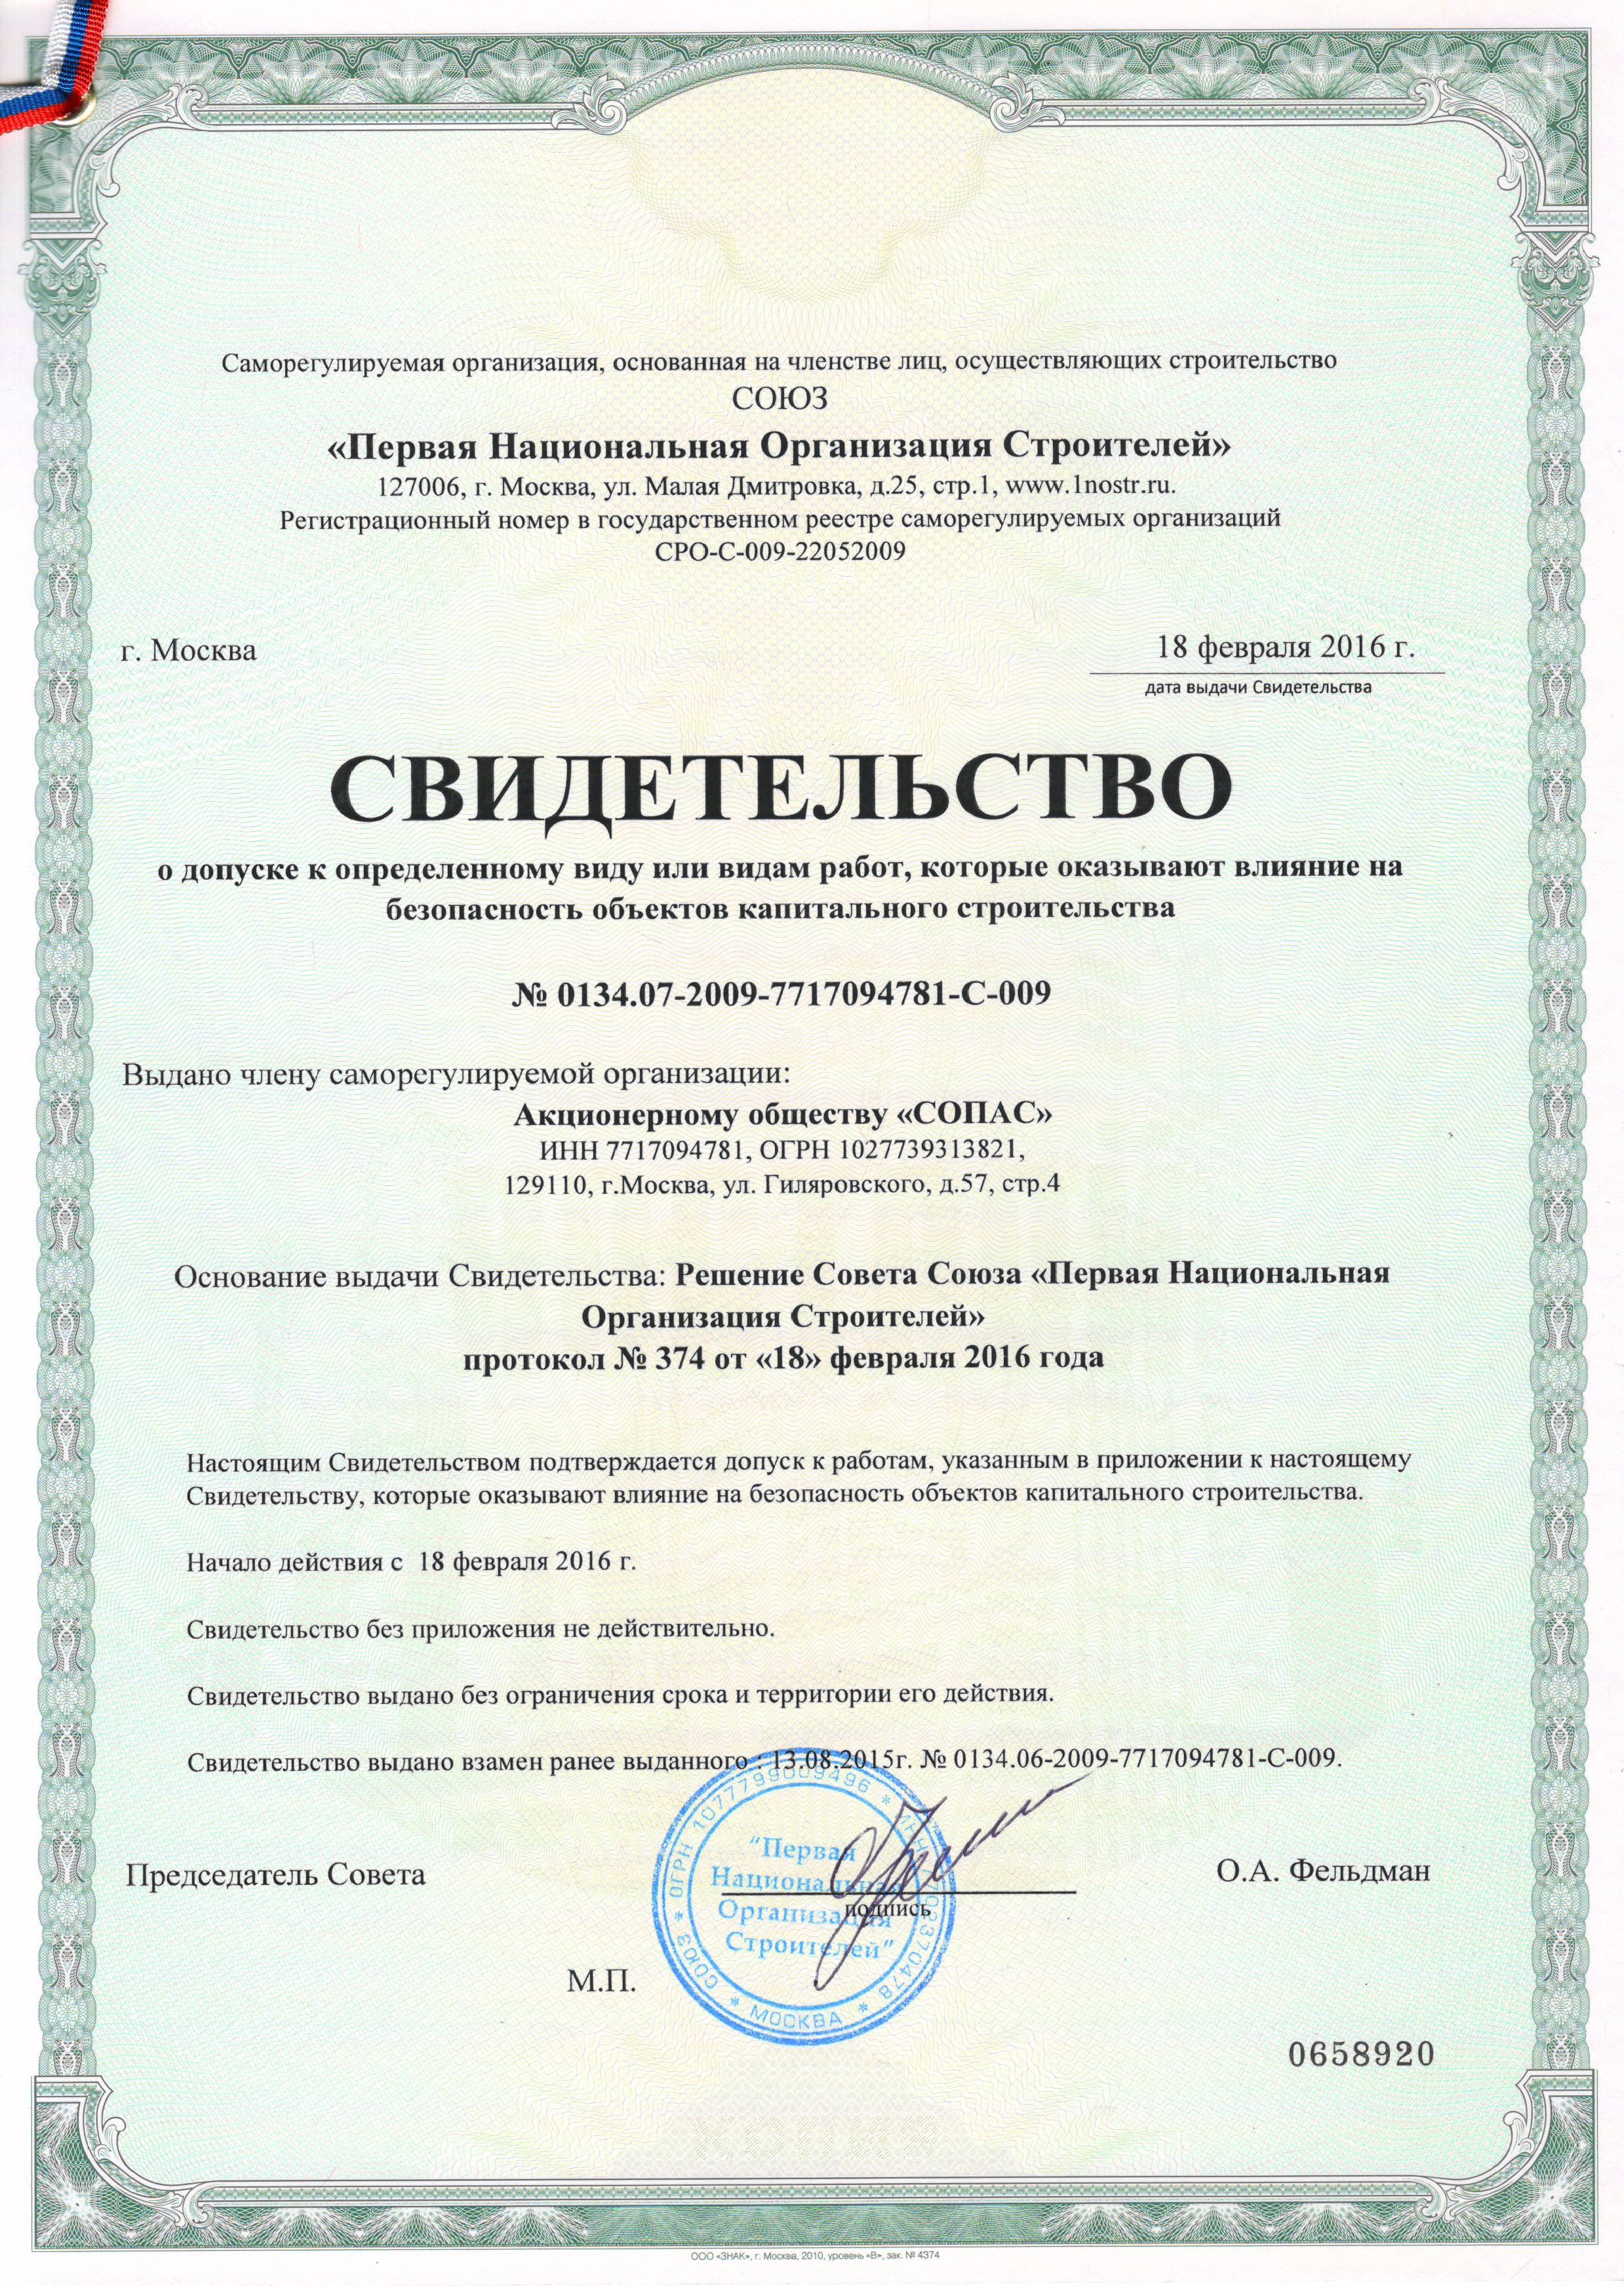 Св-во Союз ПНОС сопас ао 111